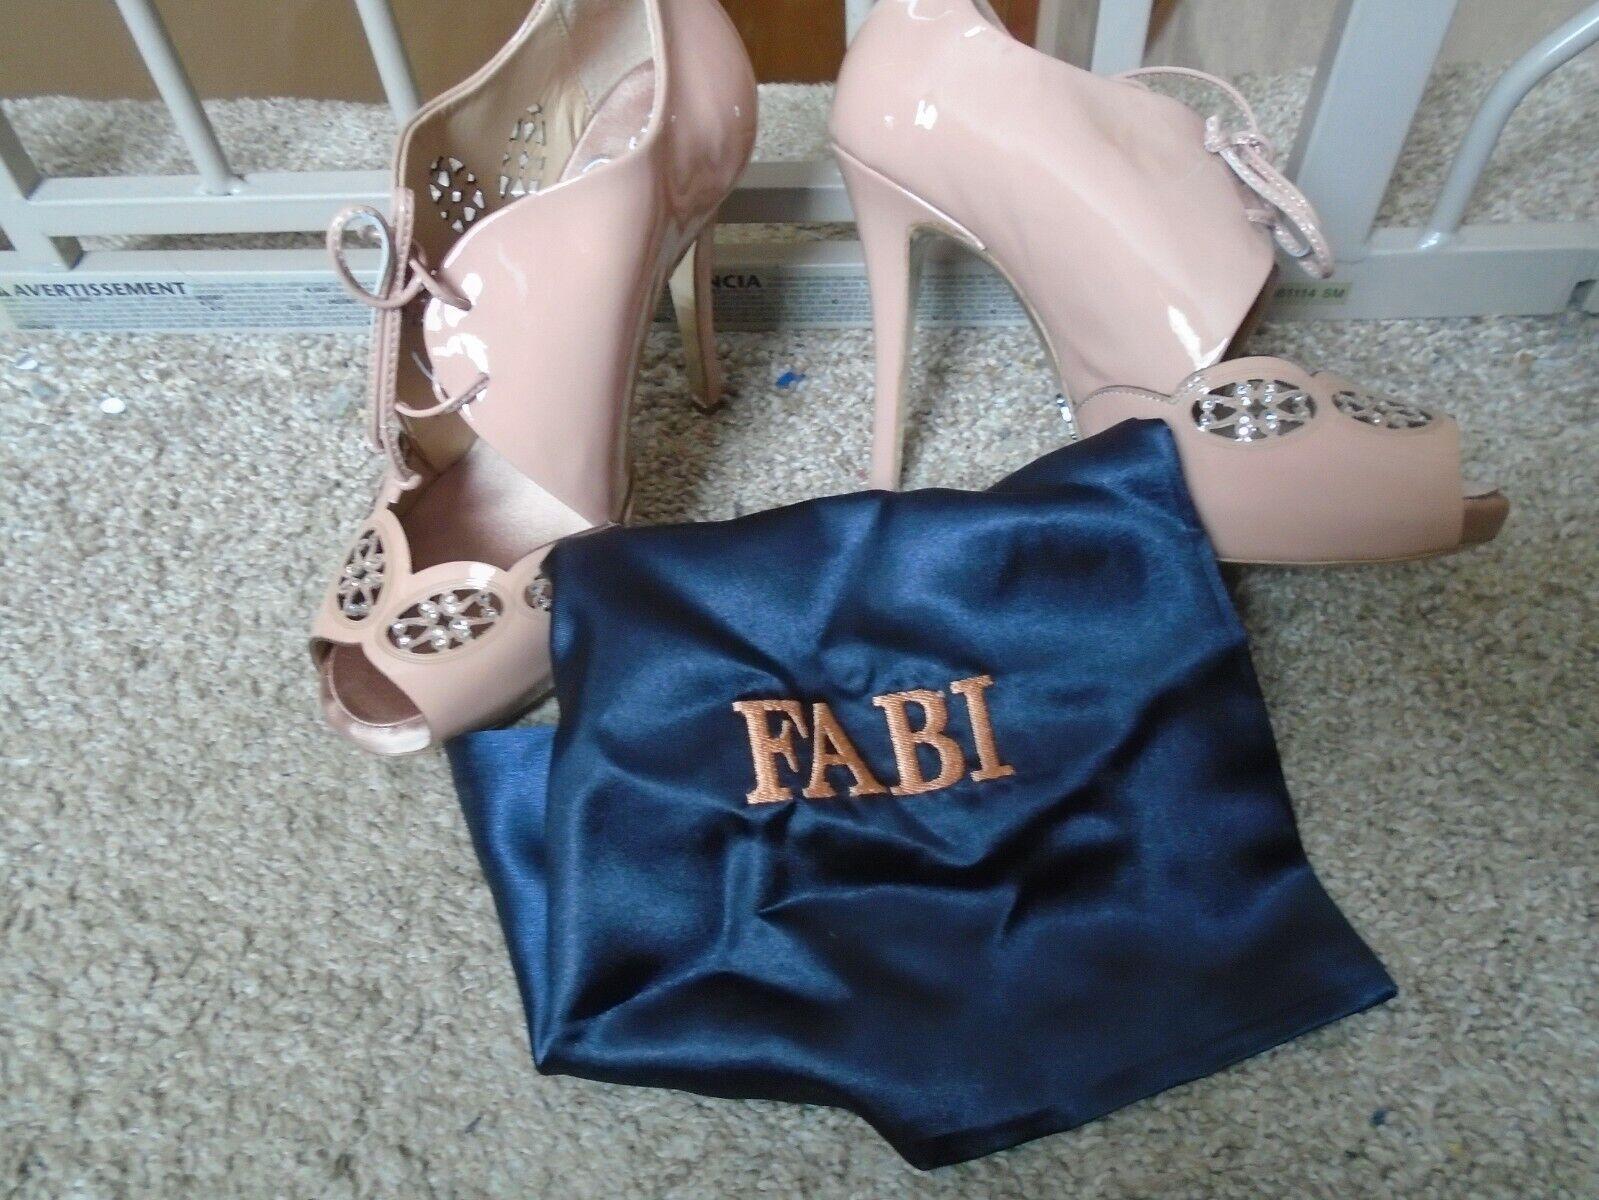 Nouveau FABI FABI FABI bout ouvert chair En Cuir Rose Strass Détail démarrageie, Taille 6 italien 91ae64